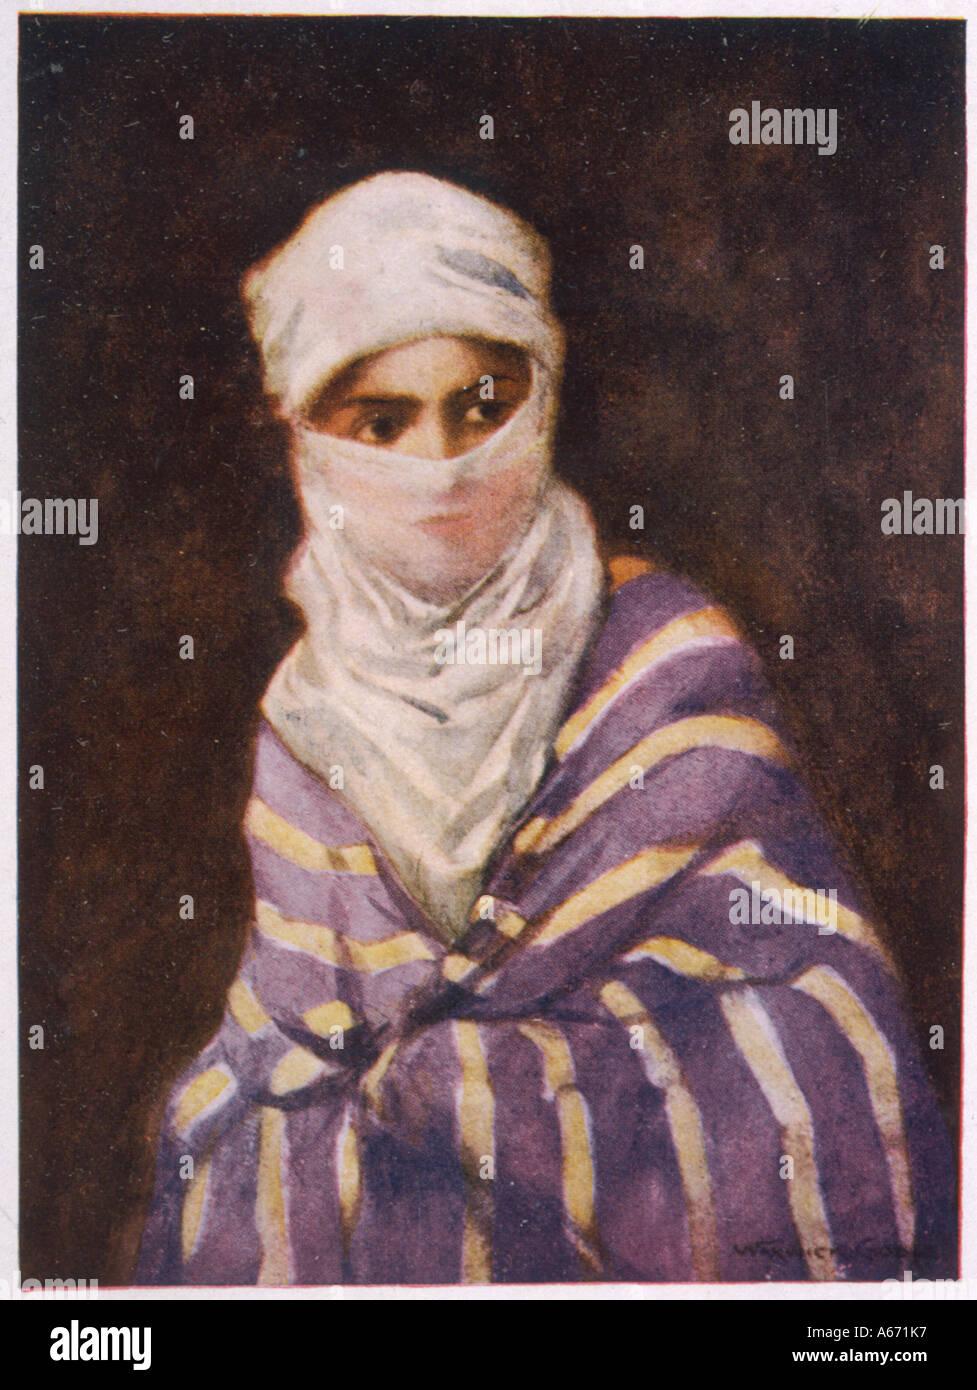 Racial Turkey Yashmak - Stock Image